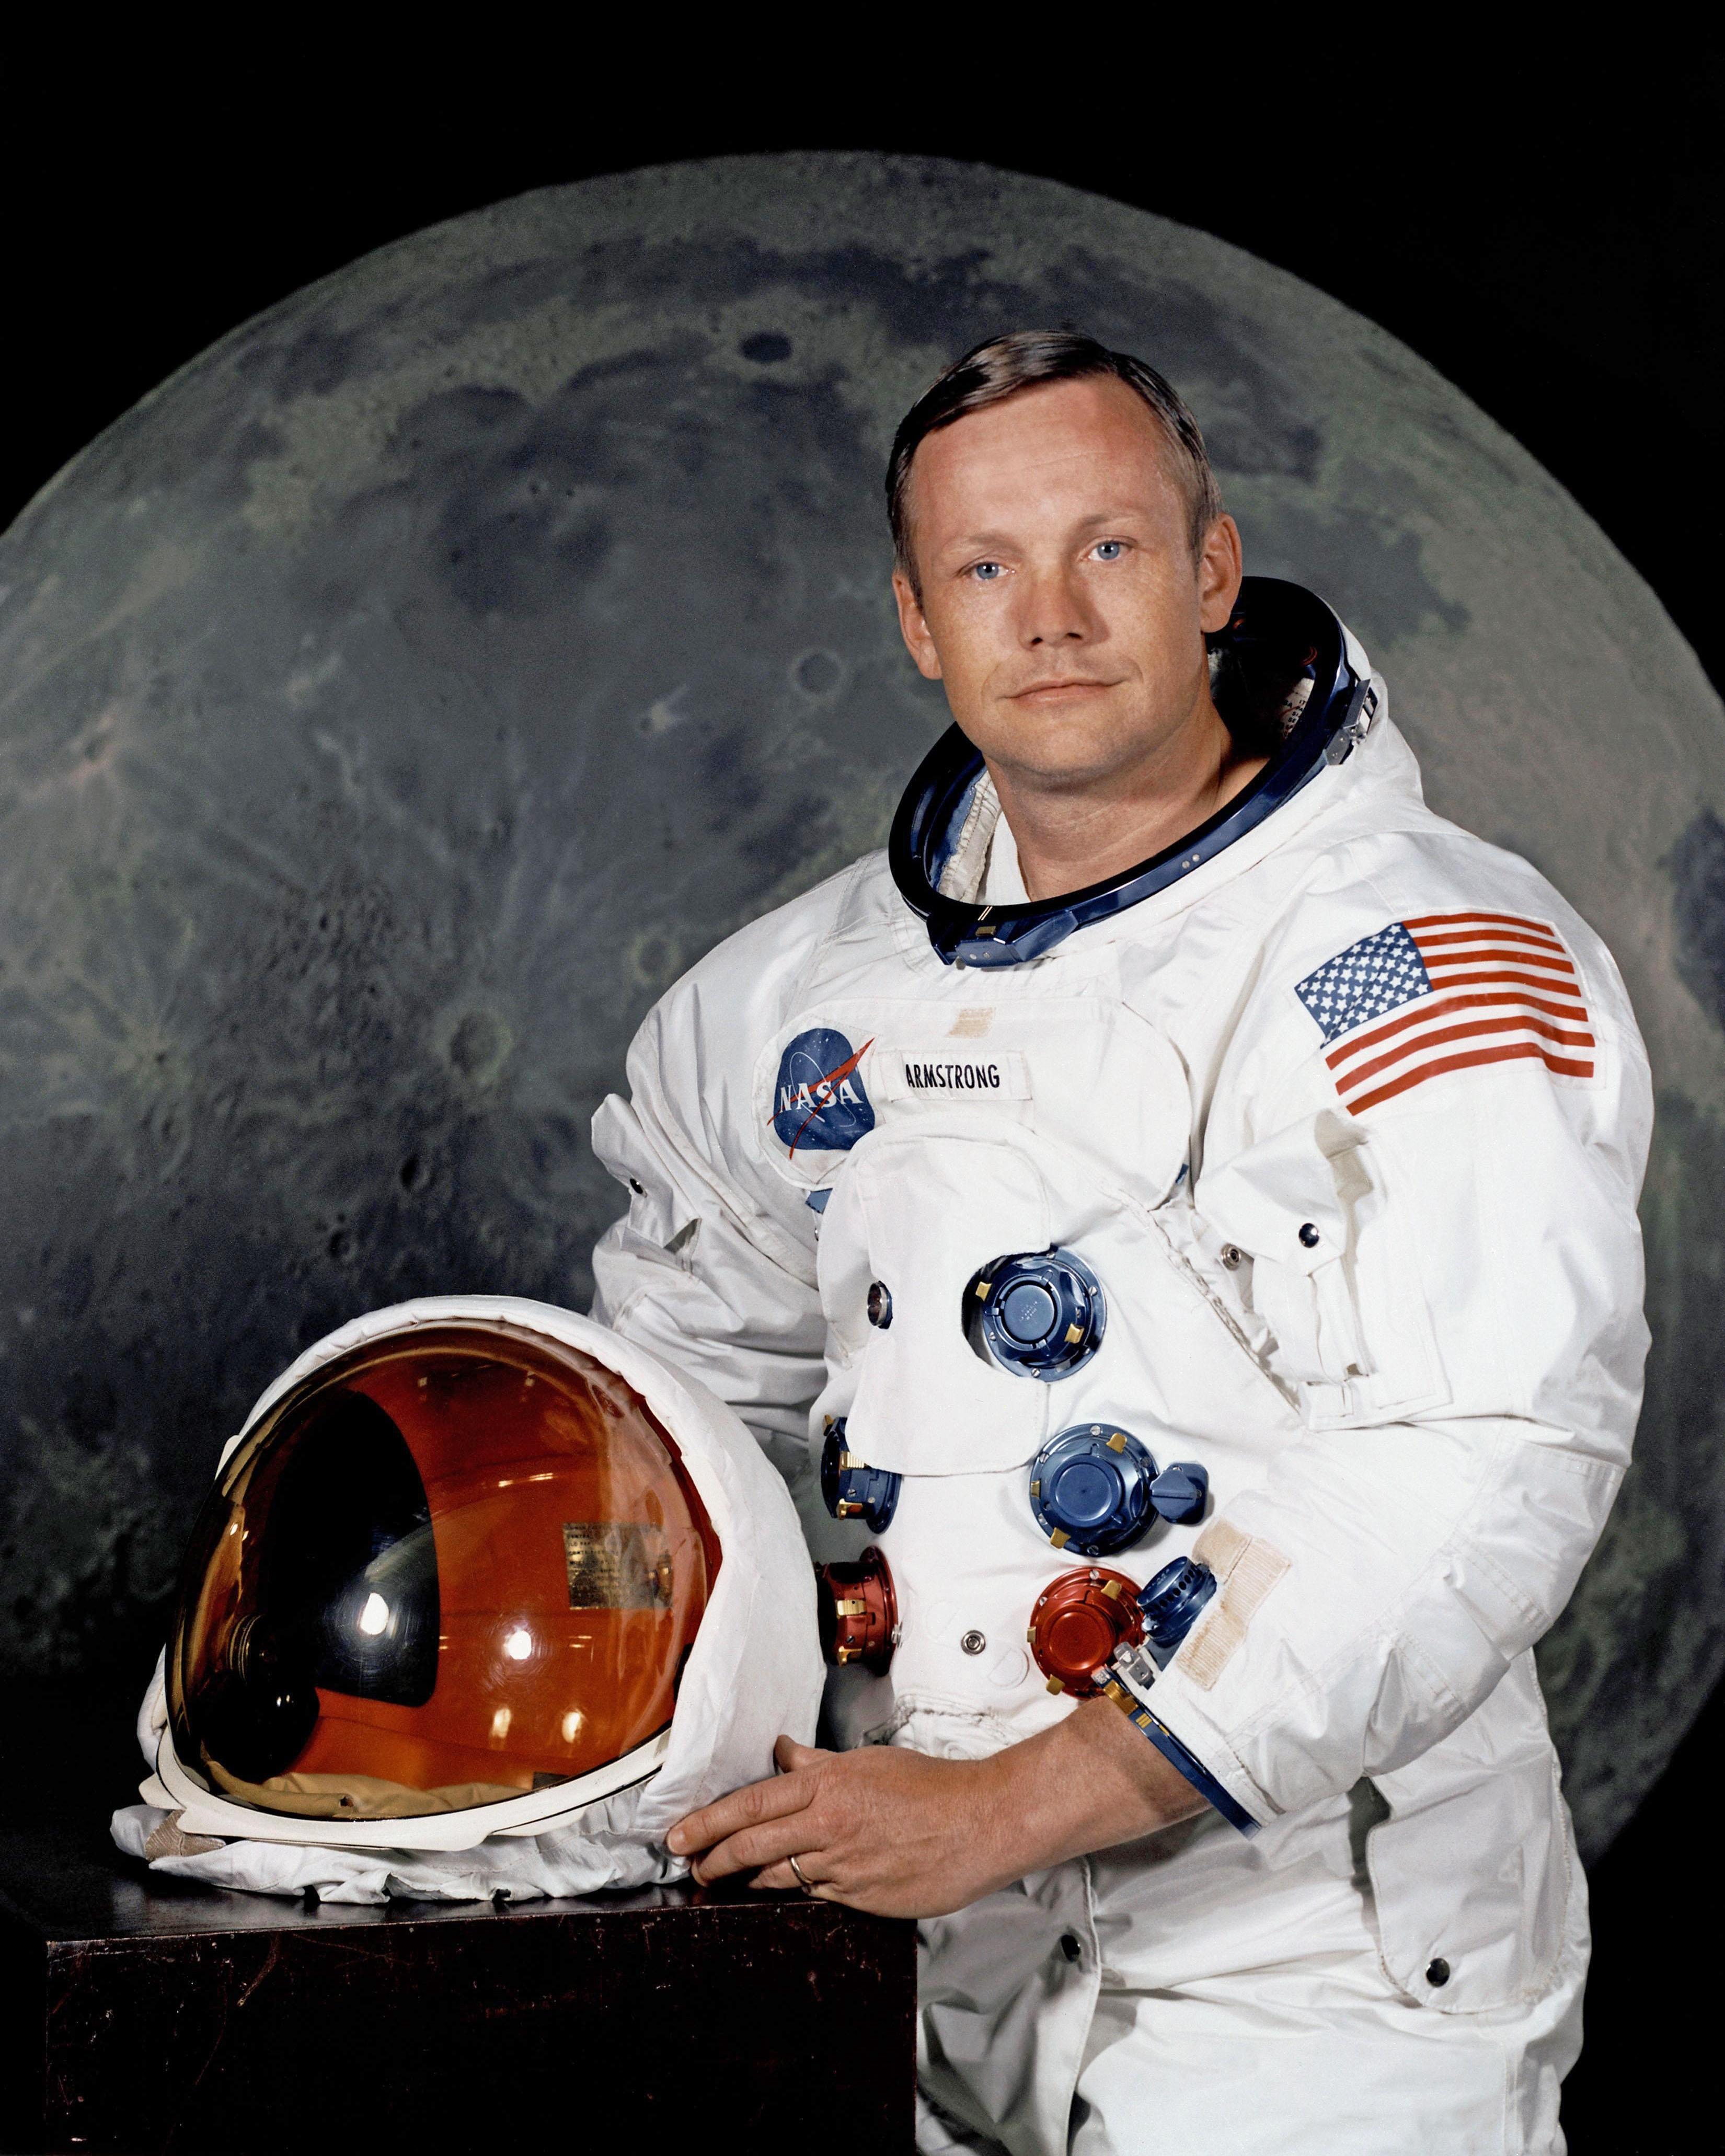 प्रथम चन्द्रयात्री नील आर्मस्ट्रांग